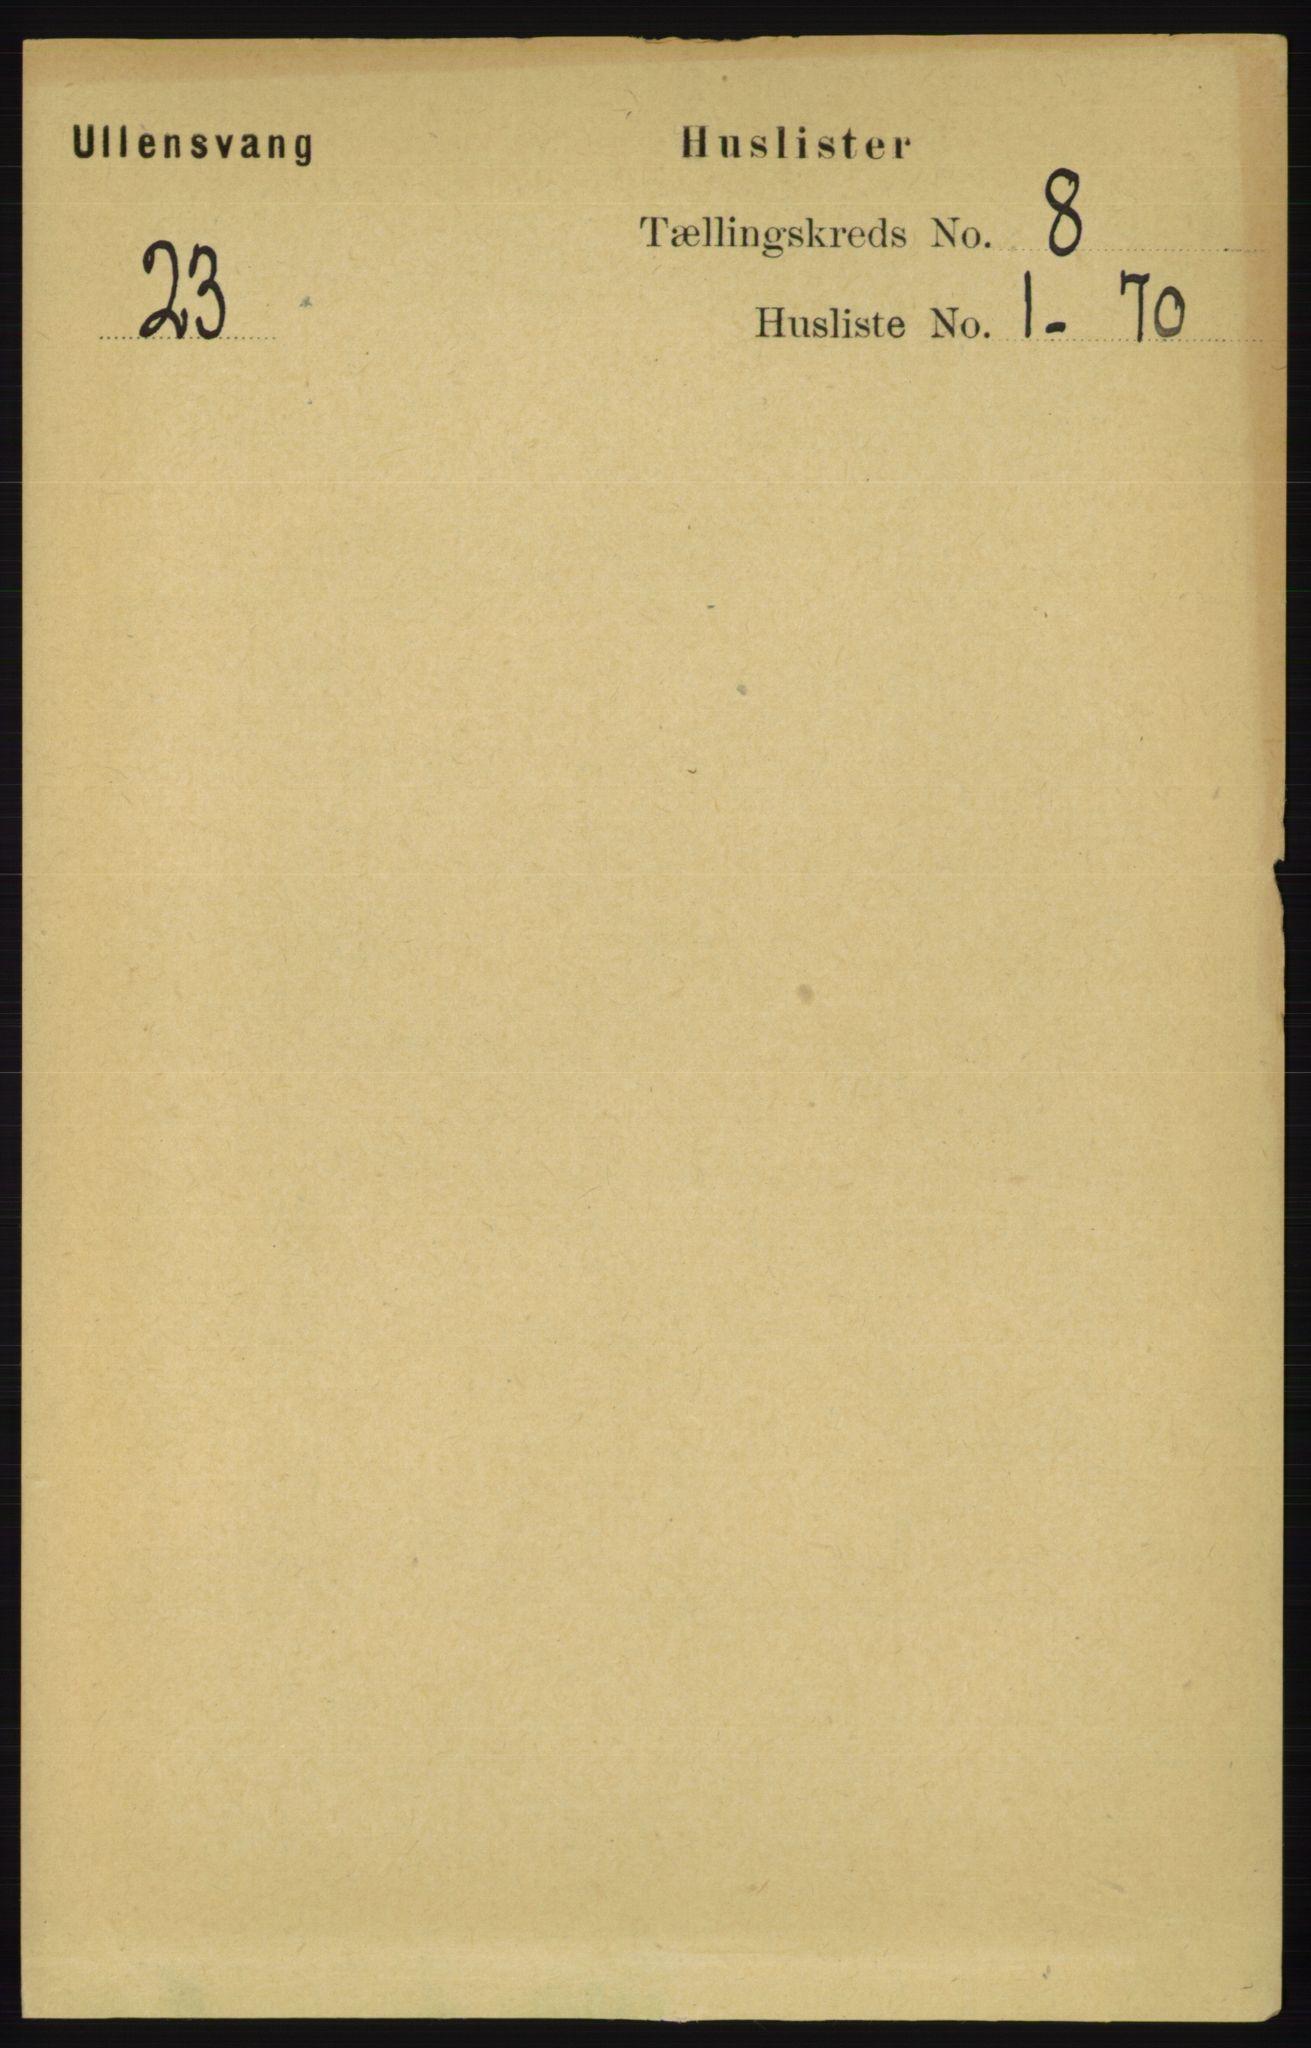 RA, Folketelling 1891 for 1230 Ullensvang herred, 1891, s. 2642